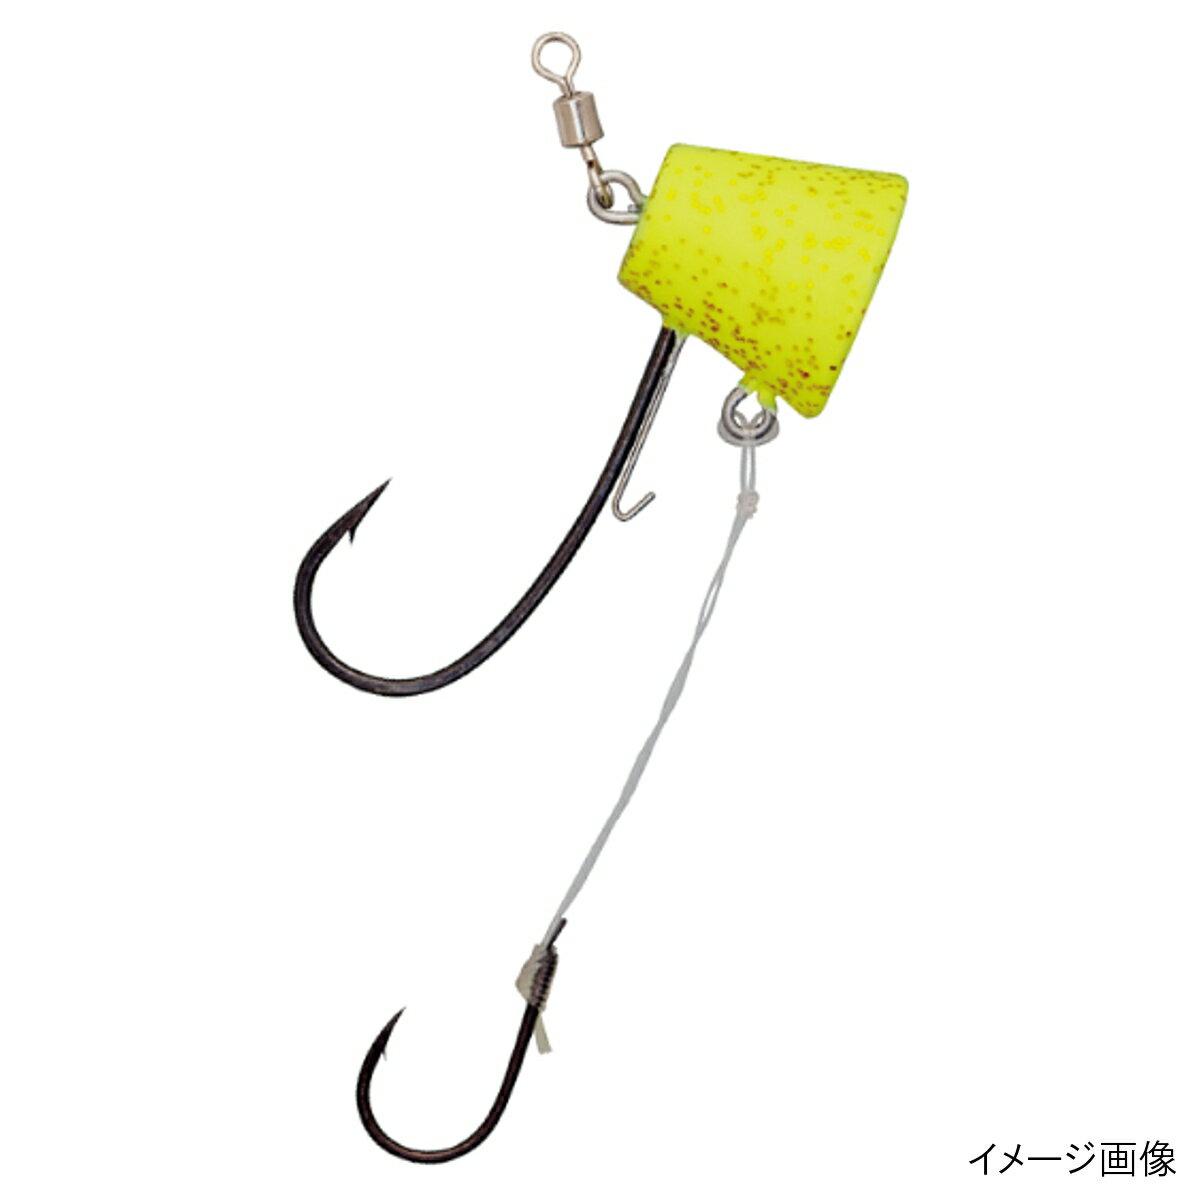 ダイワ 紅牙タイテンヤSS エビキーパー付 8号 チャート夜光/ゴールドラメ【ゆうパケット】